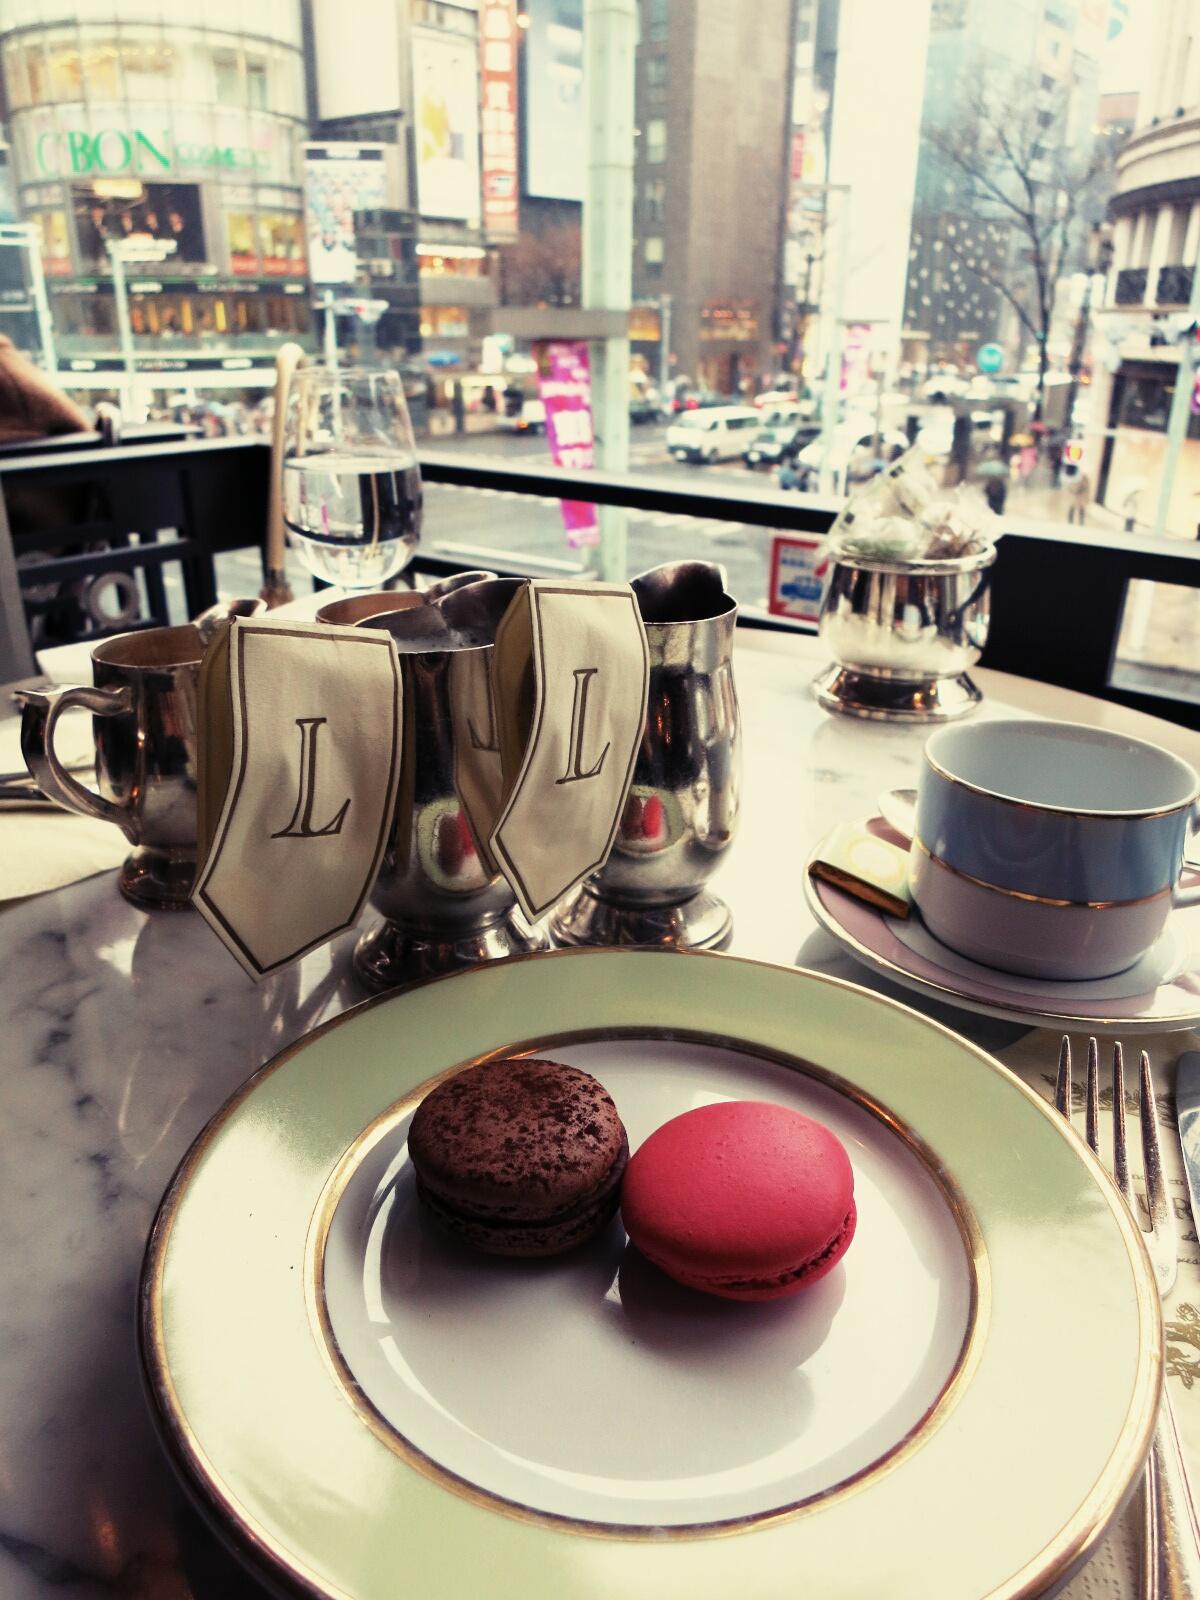 バレンタインランチ@渋谷ヒカリエ~銀座三越でお茶時間♪_f0236260_16353028.jpg